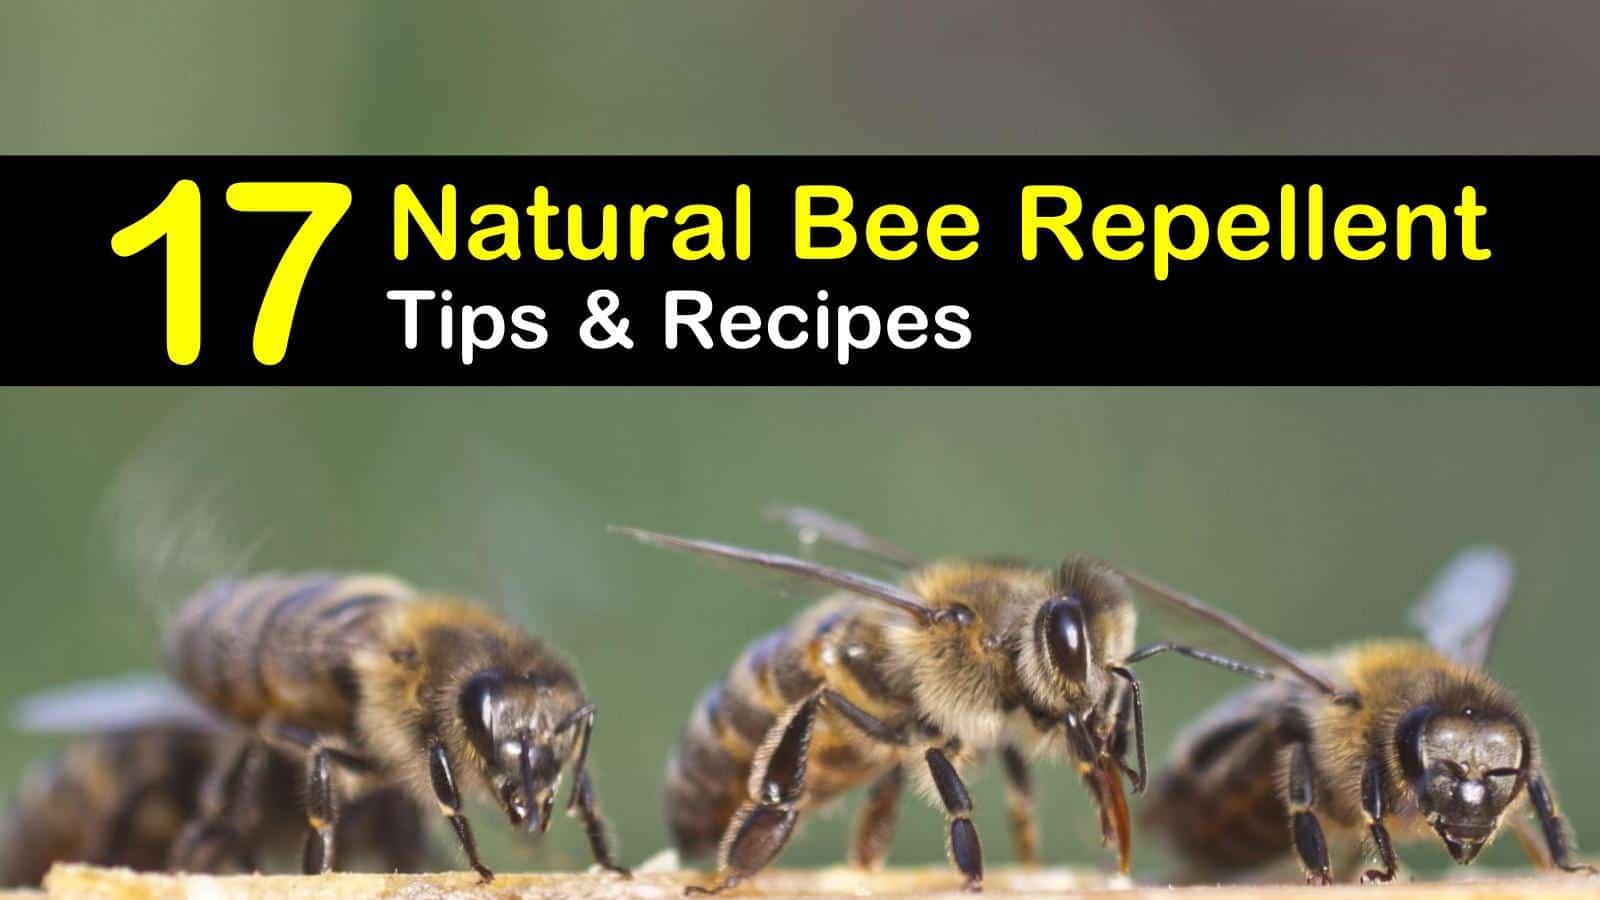 natural bee repellent titleimg1